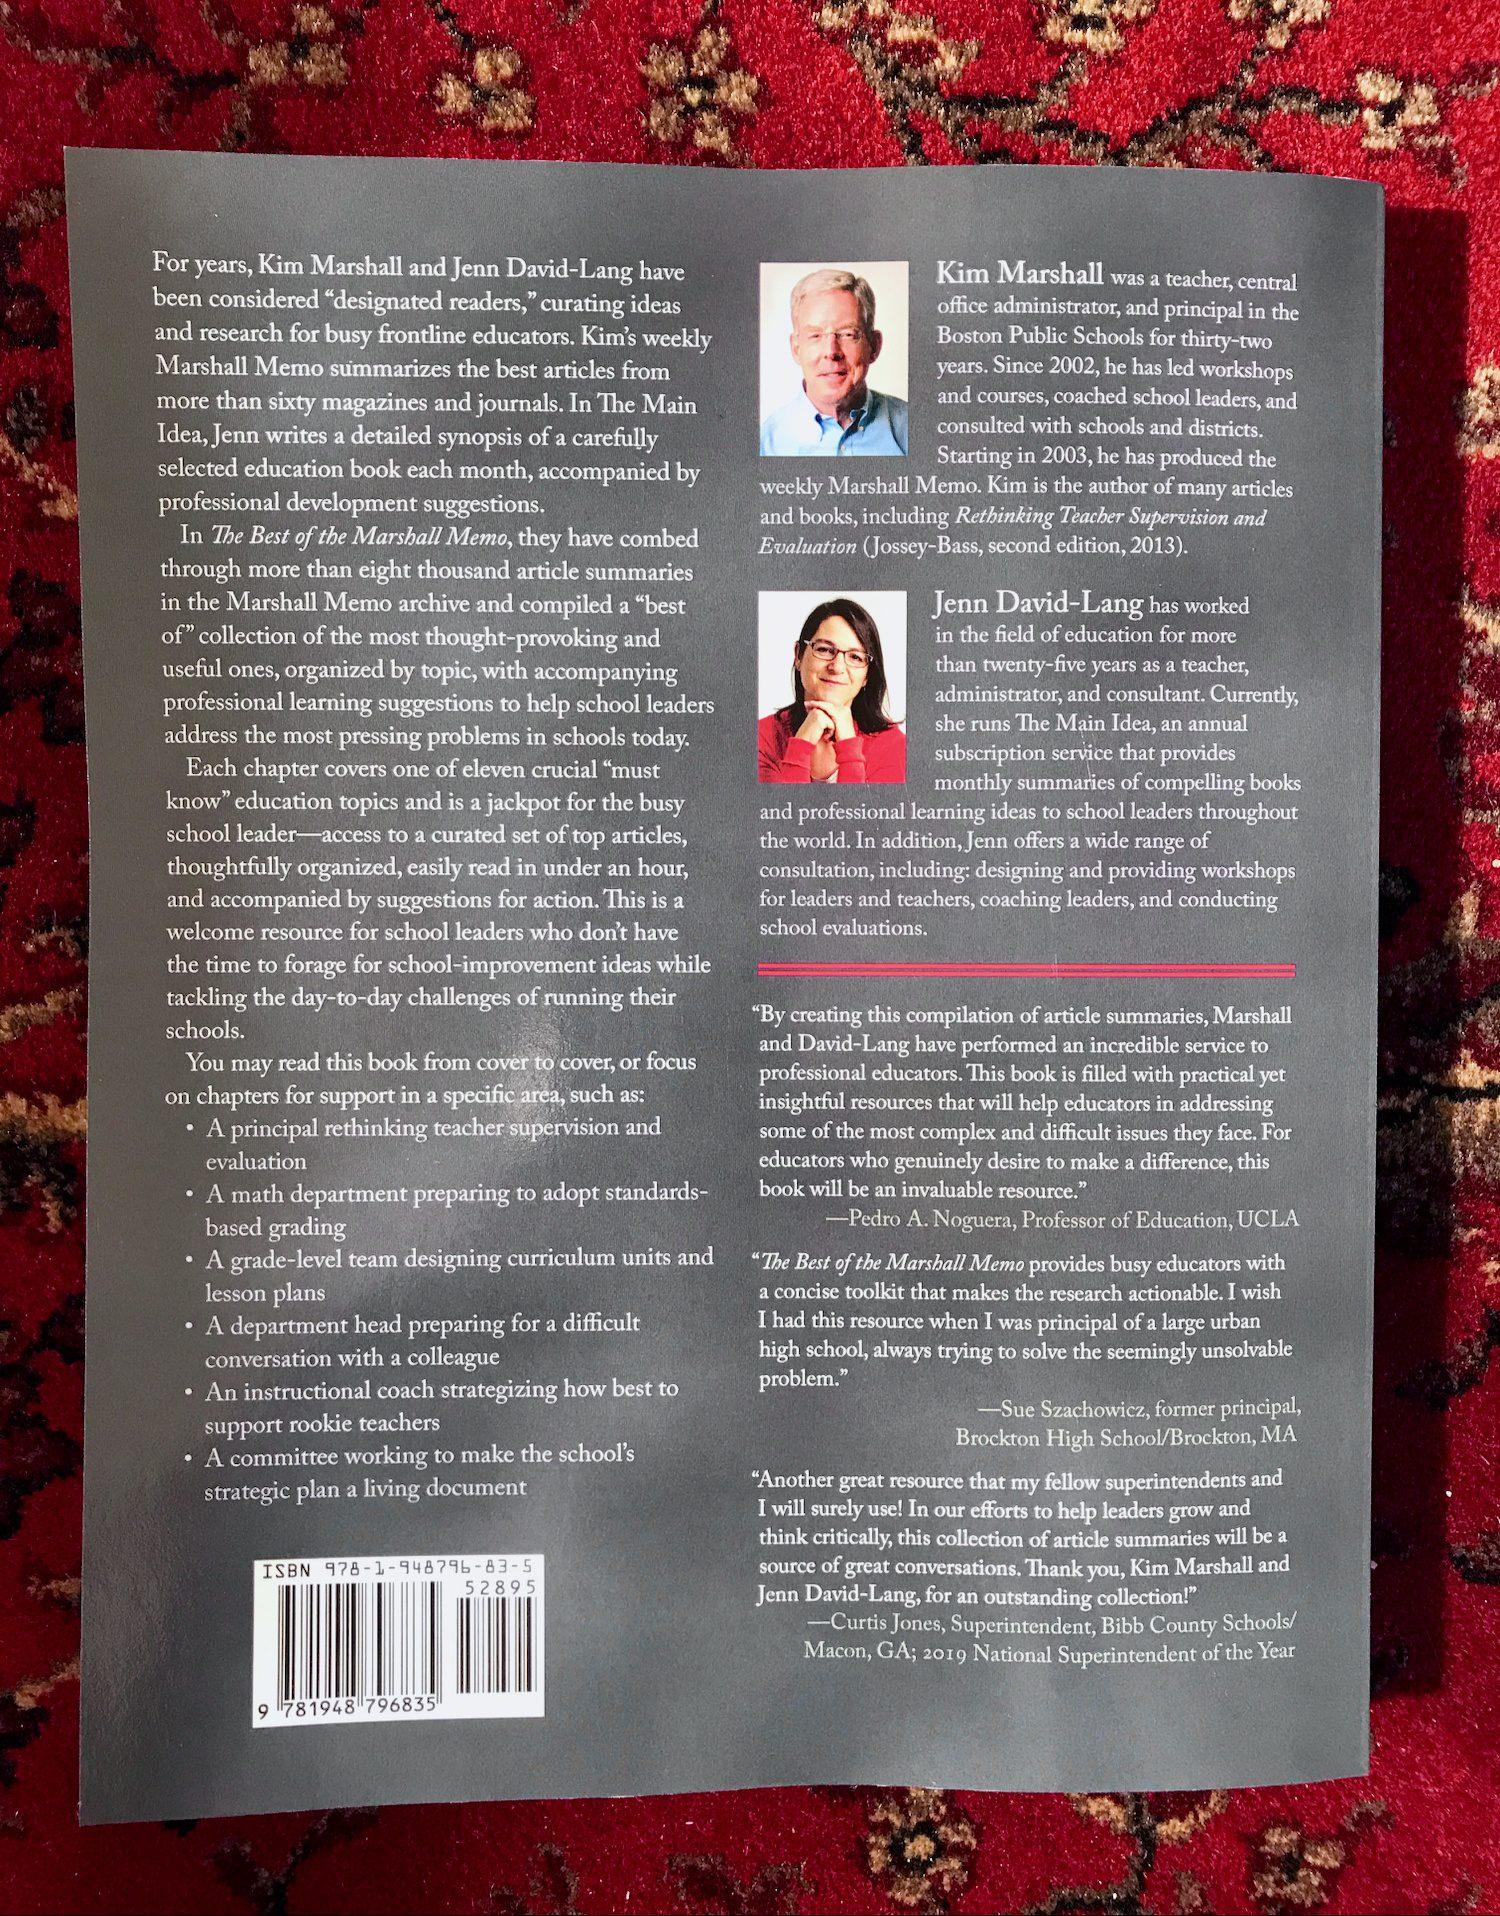 Marshall Memo book